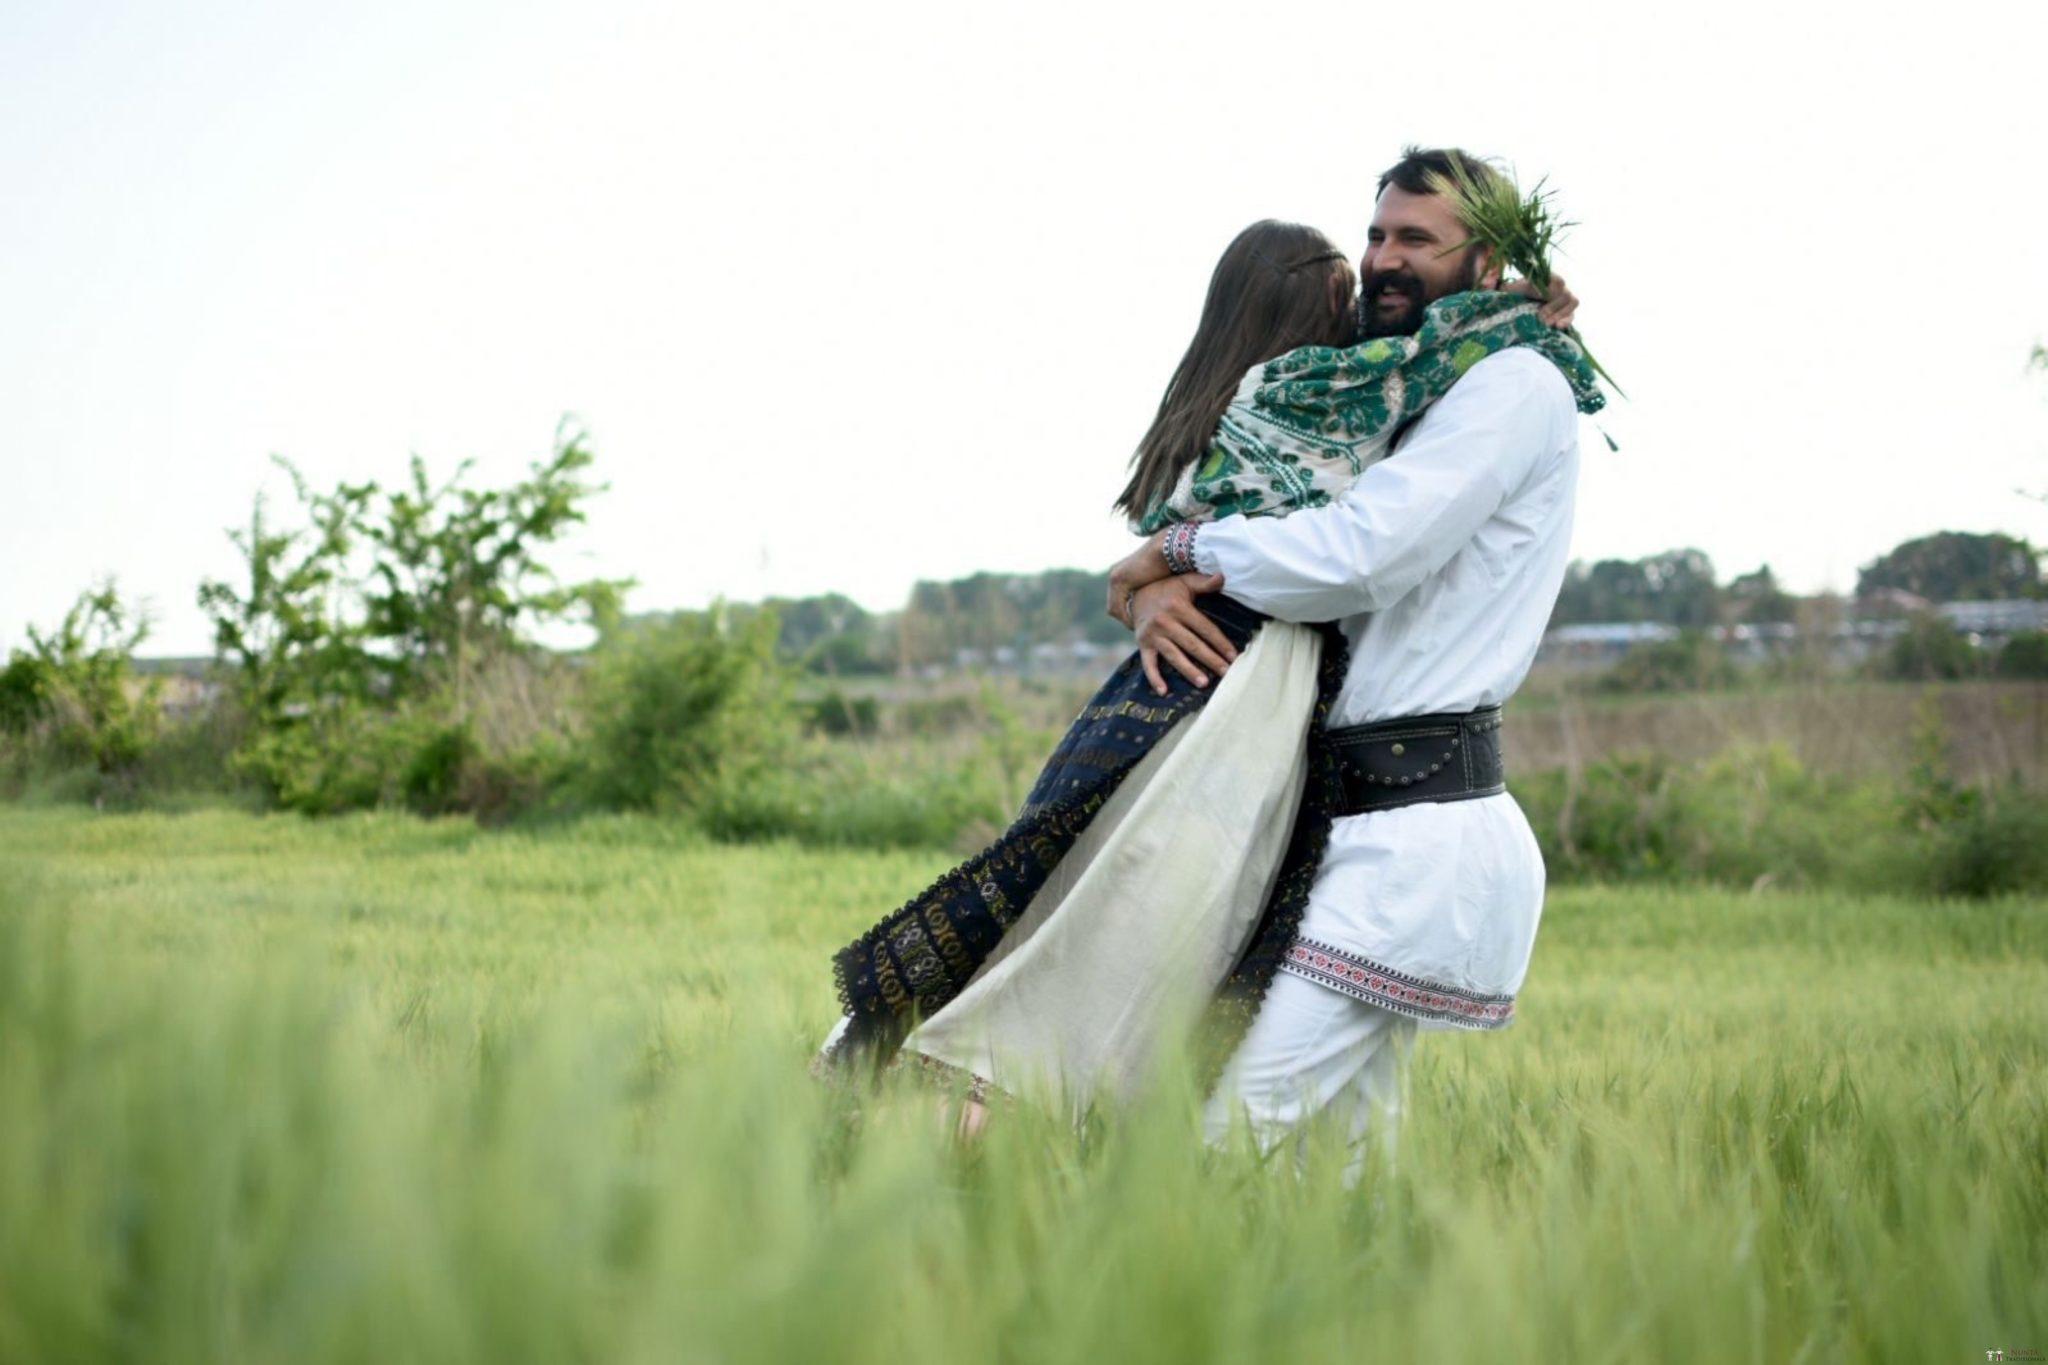 Povești Nunți Tradiționale - George Gabriel și Alexandra Buzatu, nuntă tradițională în Strejnicu, Prahova 20